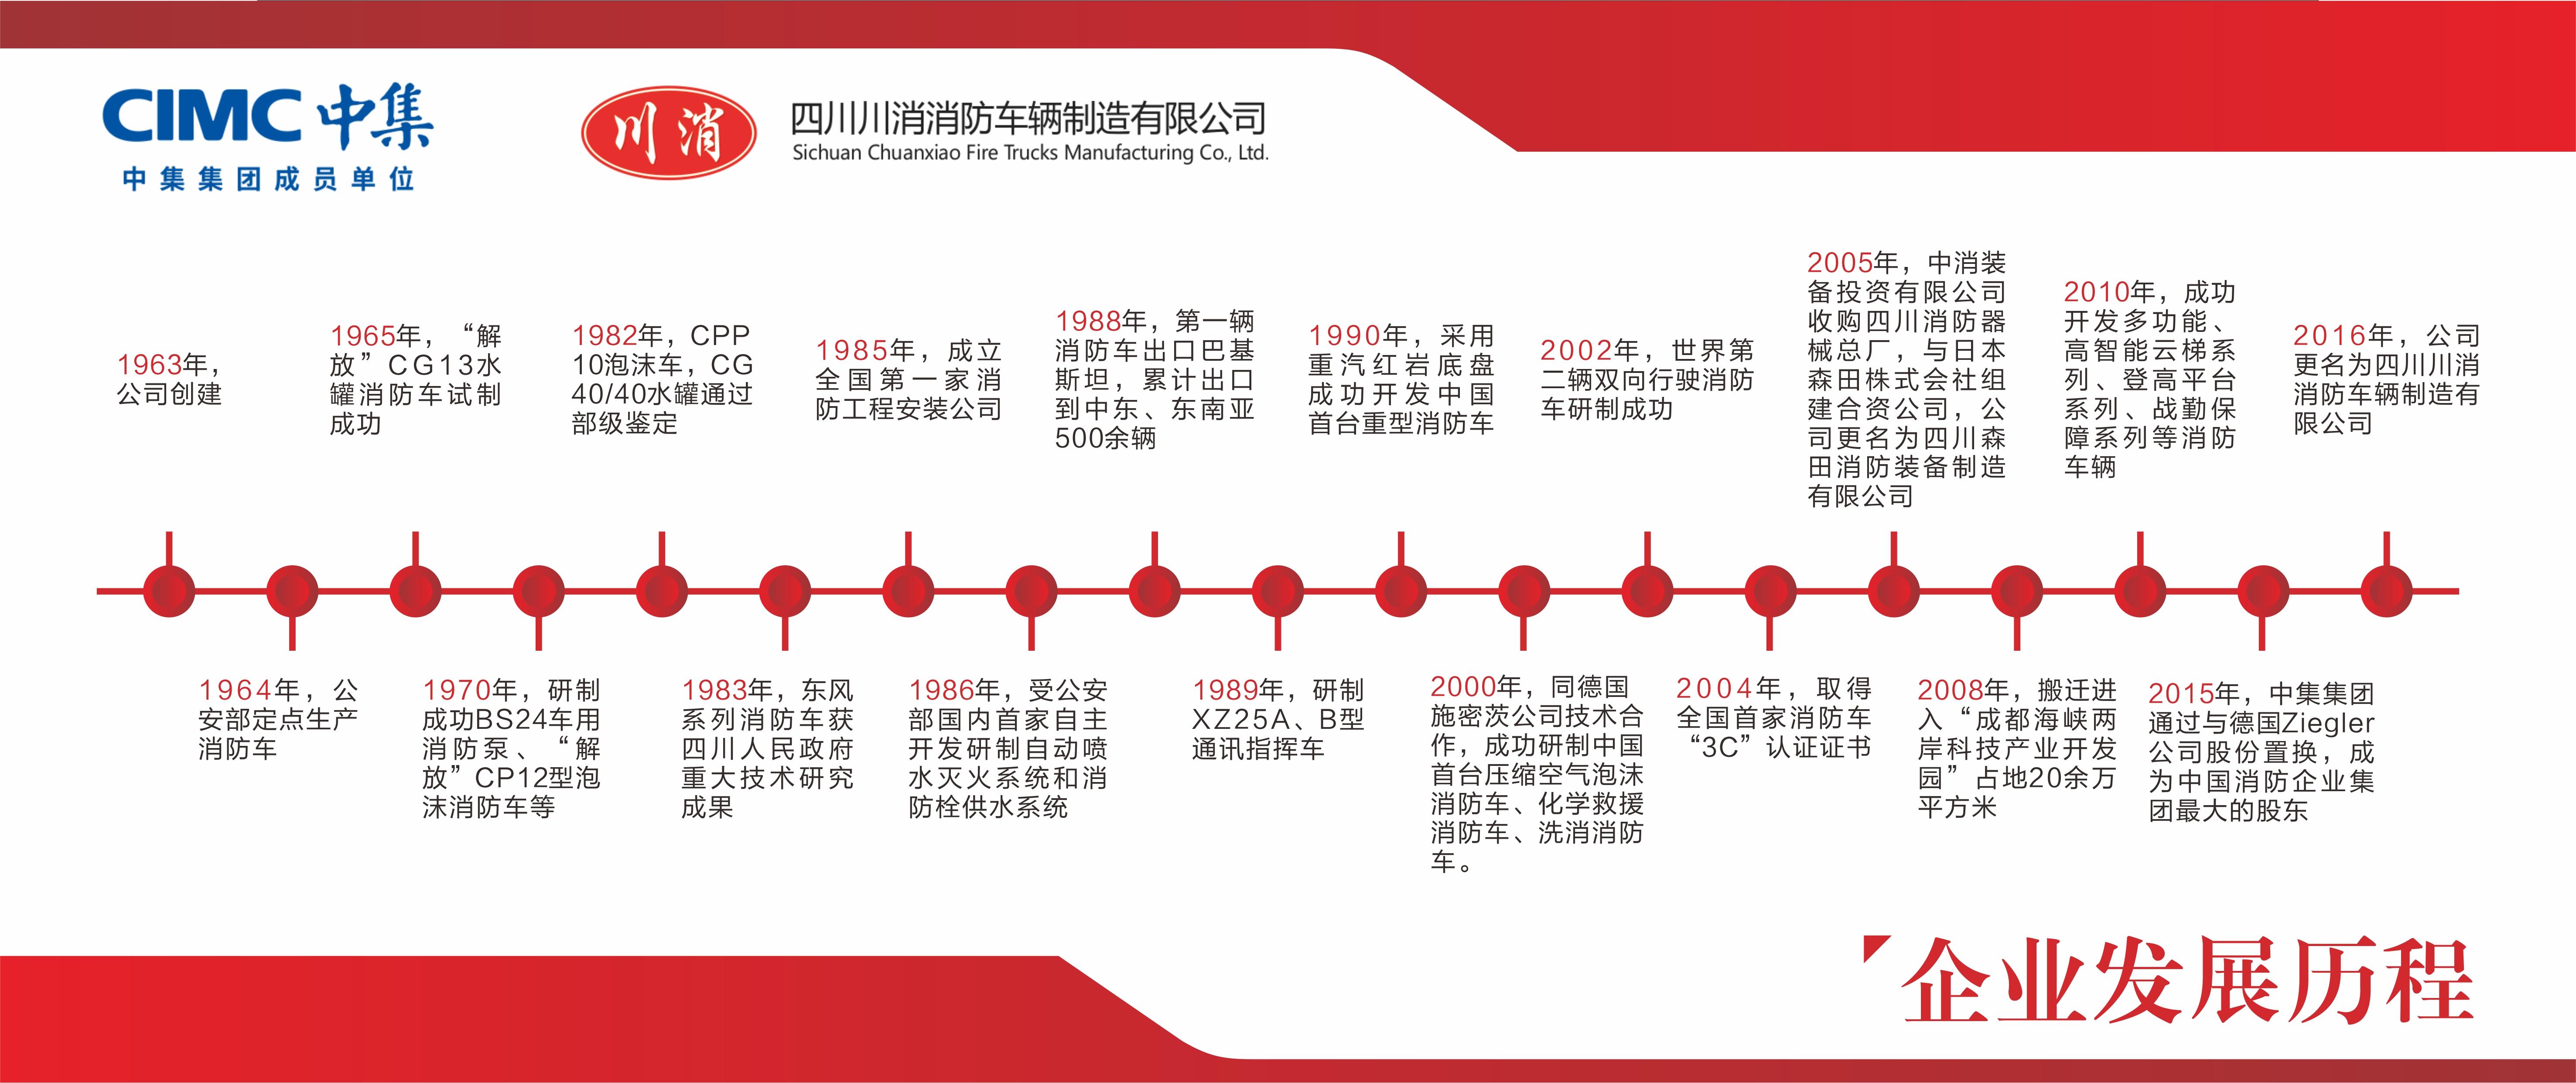 企业发展历程.jpg